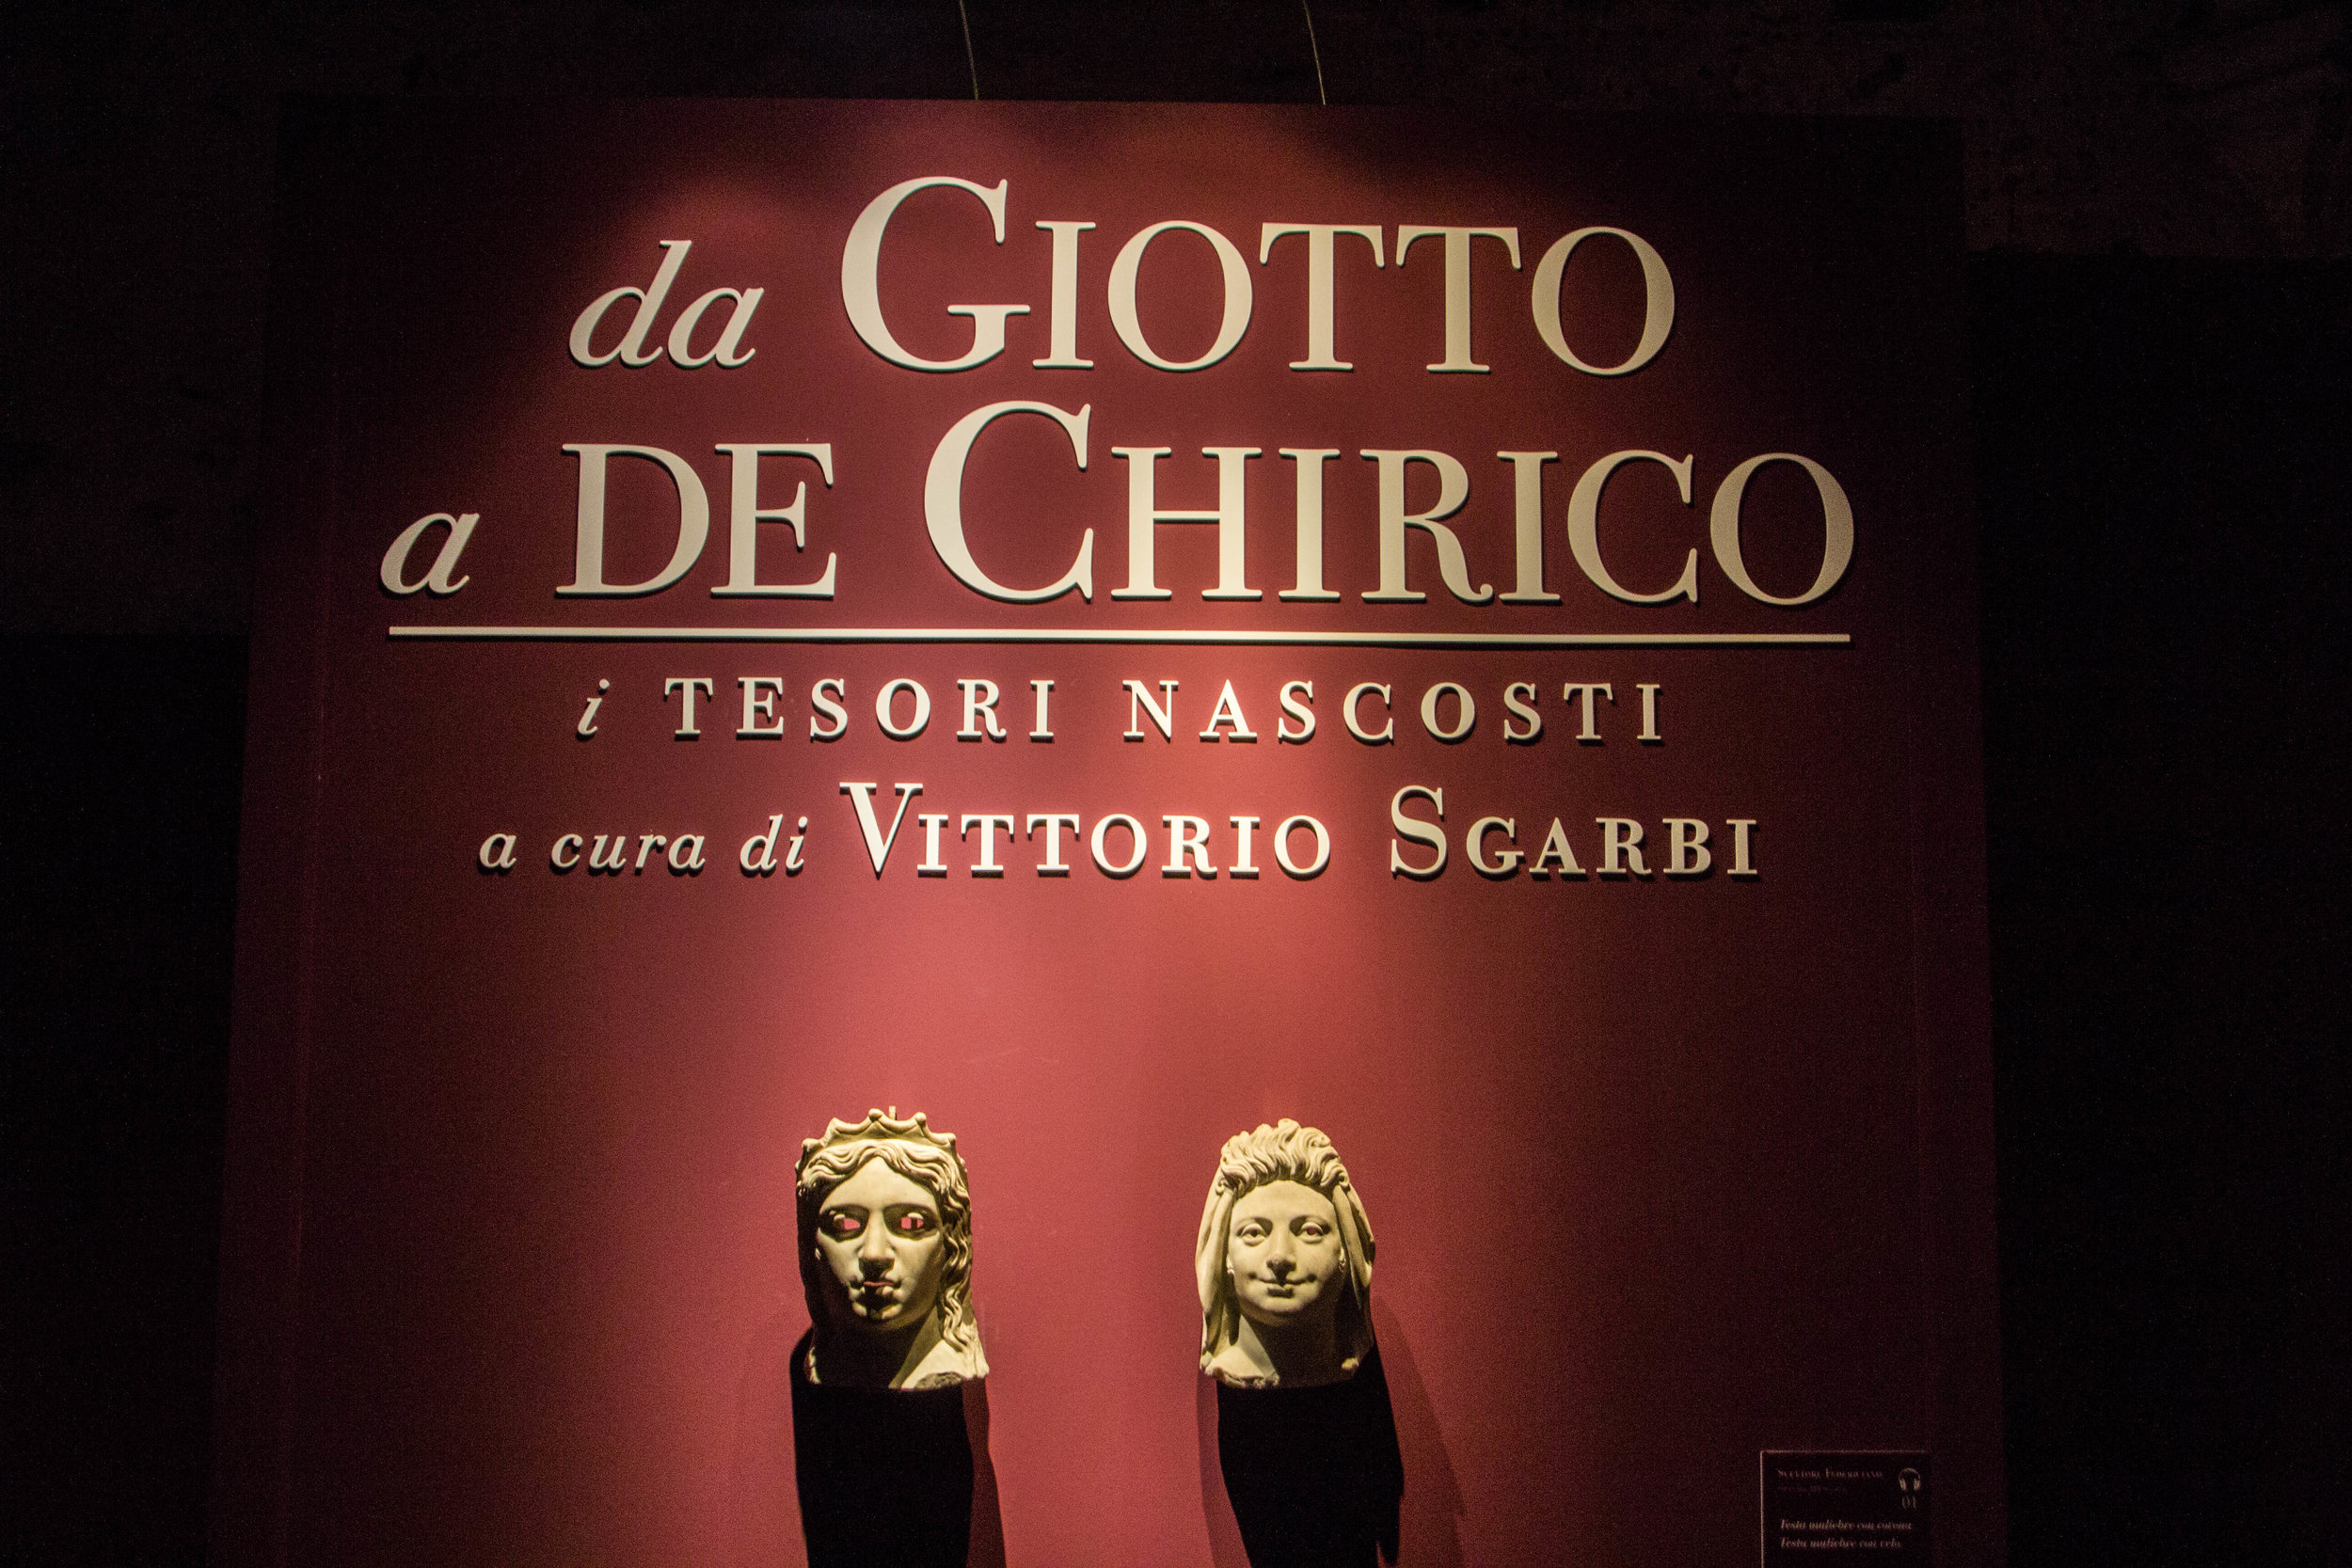 museo-civico-castello-ursino-catania-sicily-2.jpg